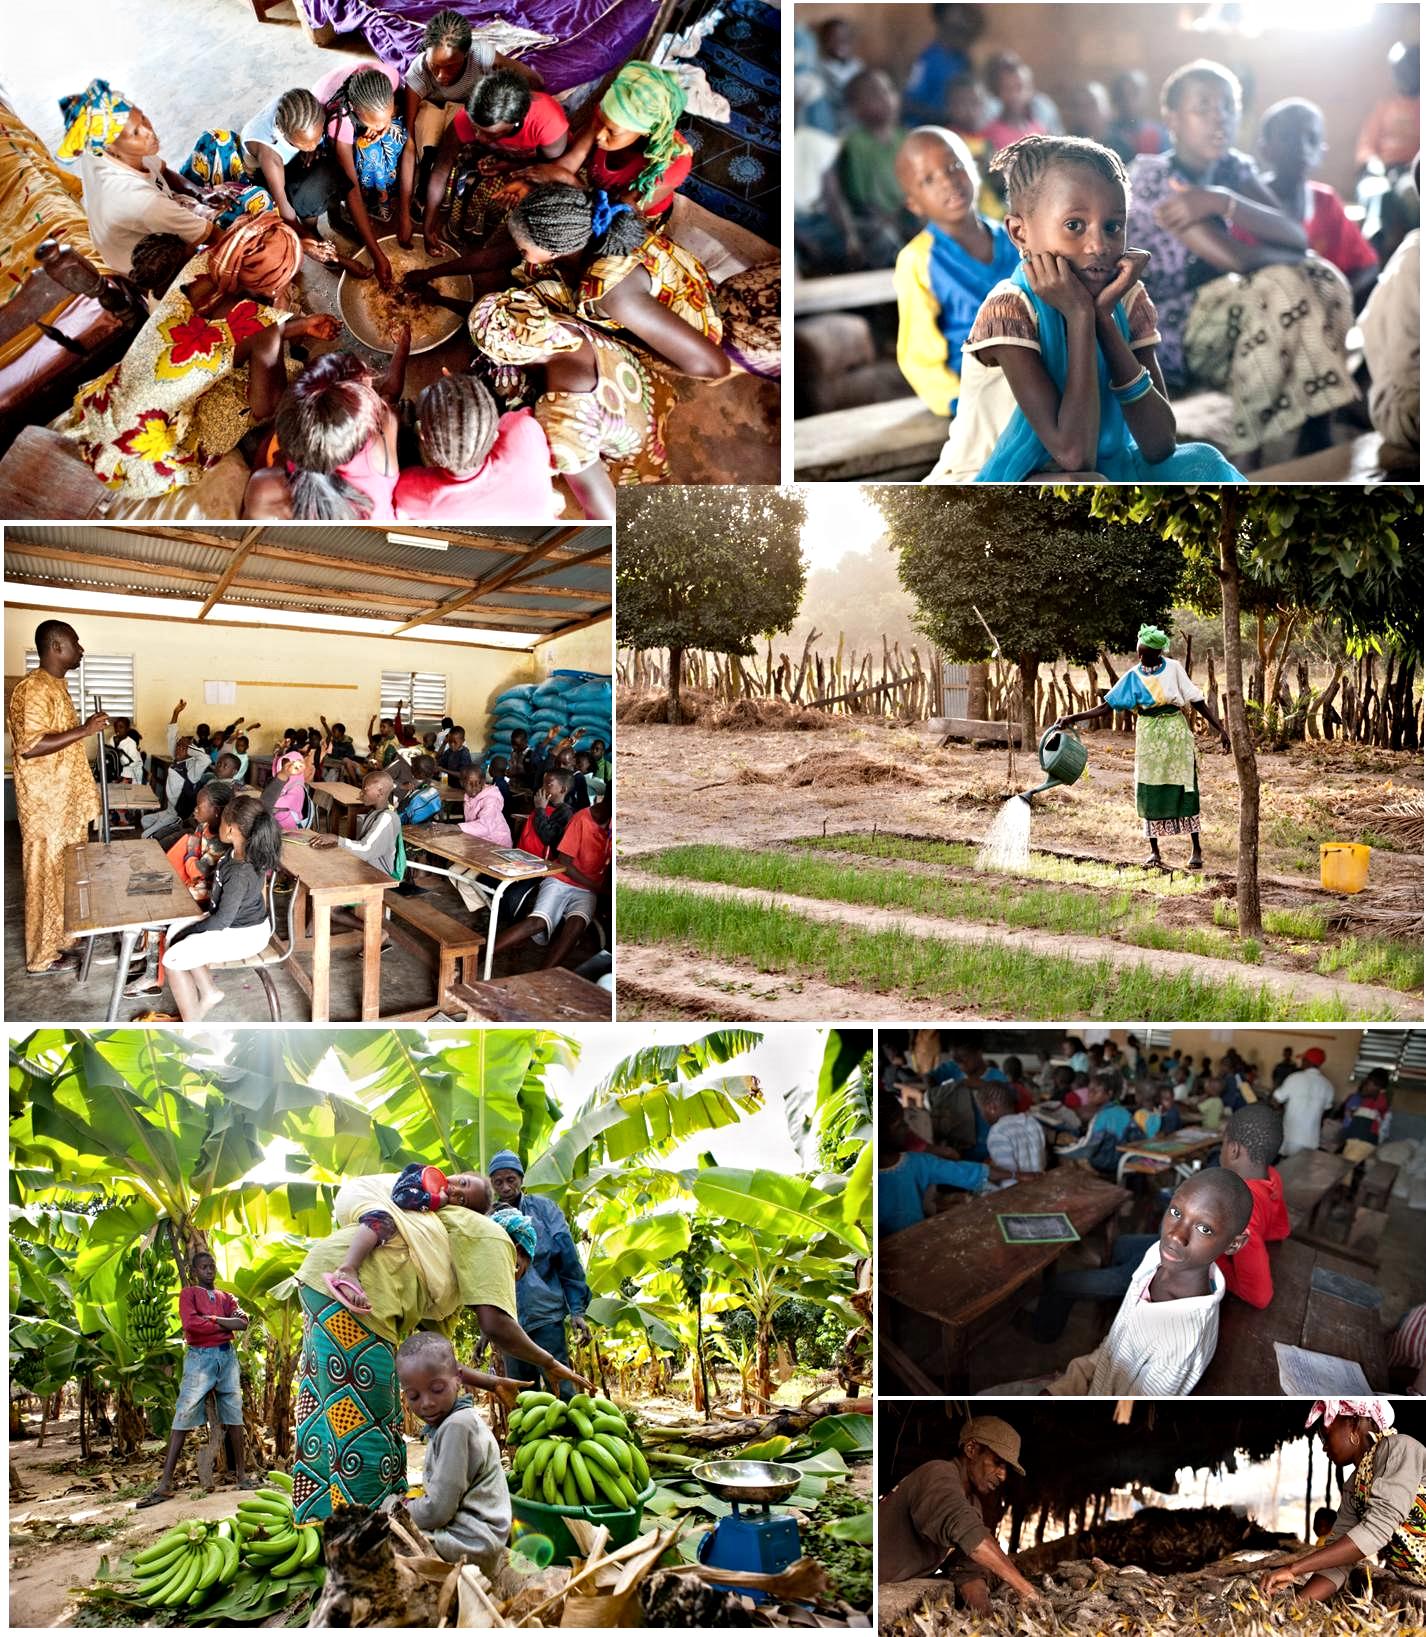 La vida cotidiana de Abéné. Fotografías de Diego A. Antón